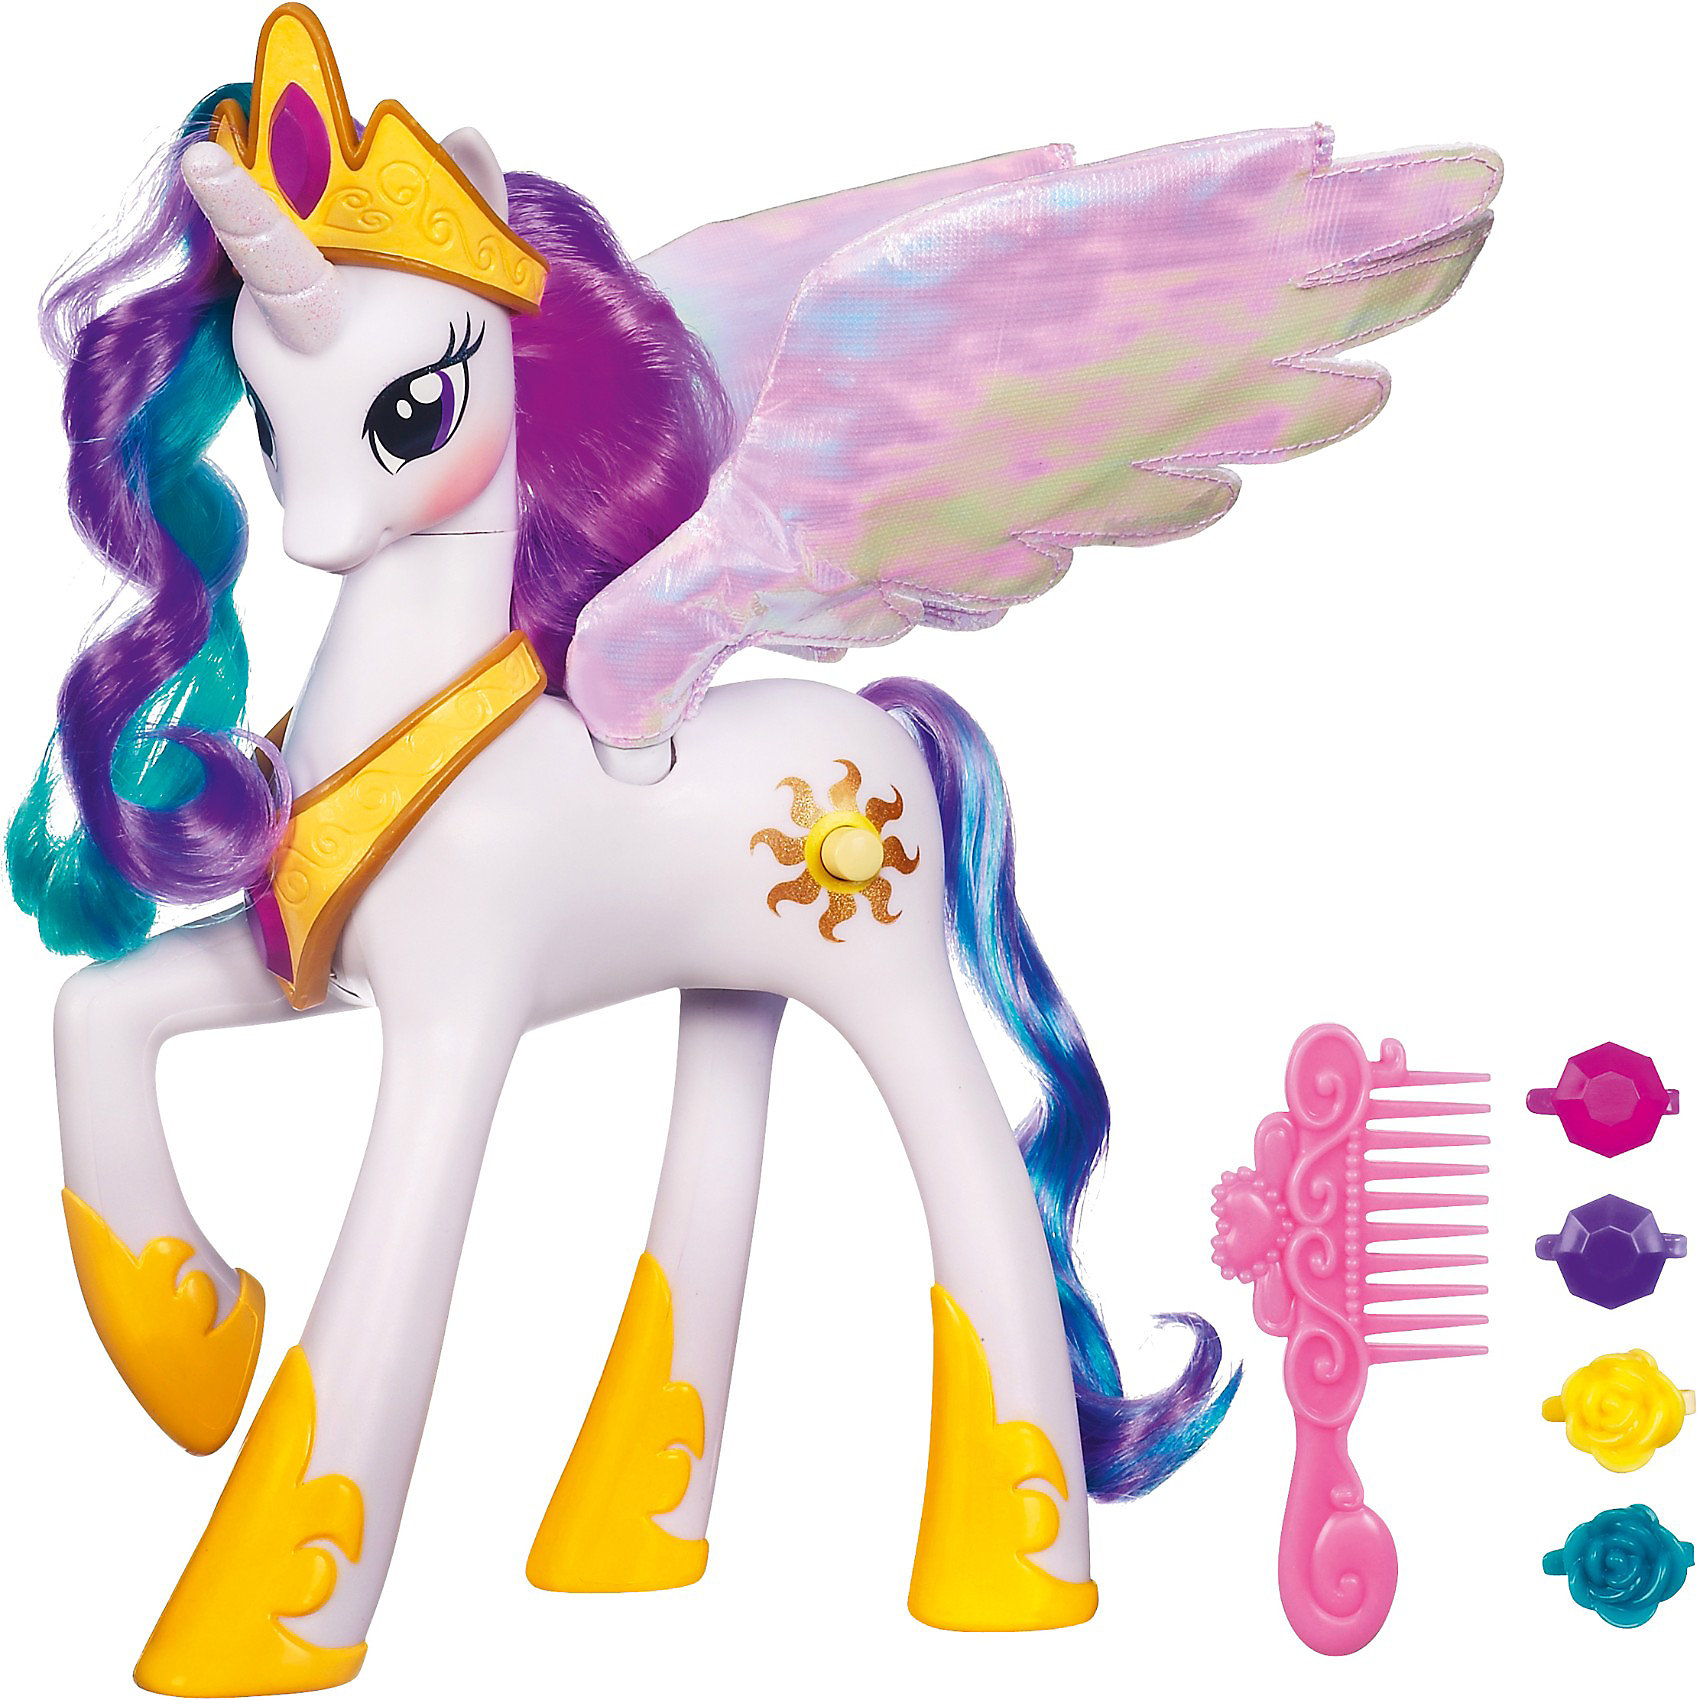 Пони Принцесса Селестия , My little PonyИгрушки<br>Пони Принцесса Селестия, My little Pony (Моя маленькая Пони) порадует всех юных поклонниц волшебных лошадок из популярного мультсериала Дружба -это чудо( My Little Pony: Friendship Is Magic). Принцесса Селестия является одной из правительниц Эквестрии - страны пони, в которой разворачиваются события мультсериала, она пони-аликорн с крыльями и рогом как у единорога. В наборе Вы найдете интерактивную фигурку пони и аксессуары к ней. Чтобы пони ожила, нужно нажать ей на кнопочку на задней ноге. Роскошную фиолетово-розовую гриву лошадки можно расчесывать и украшать красивыми заколками, входящими в комплект.<br><br>Дополнительная информация:<br><br>- В комплекте: пони, расческа, 4 заколки. <br>- Материал: пластмасса, текстиль. <br>- Требуются батарейки: 2 х ААА (входят в комплект). <br>- Размер упаковки: 8,3 х 28,9 х 25,7 см.<br>- Вес: 0,52 кг.<br><br>Игрушку Пони Принцесса Селестия, My little Pony (Май Литл Пони) можно купить в нашем интернет-магазине.<br><br>Ширина мм: 293<br>Глубина мм: 261<br>Высота мм: 86<br>Вес г: 486<br>Возраст от месяцев: 48<br>Возраст до месяцев: 72<br>Пол: Женский<br>Возраст: Детский<br>SKU: 3710034